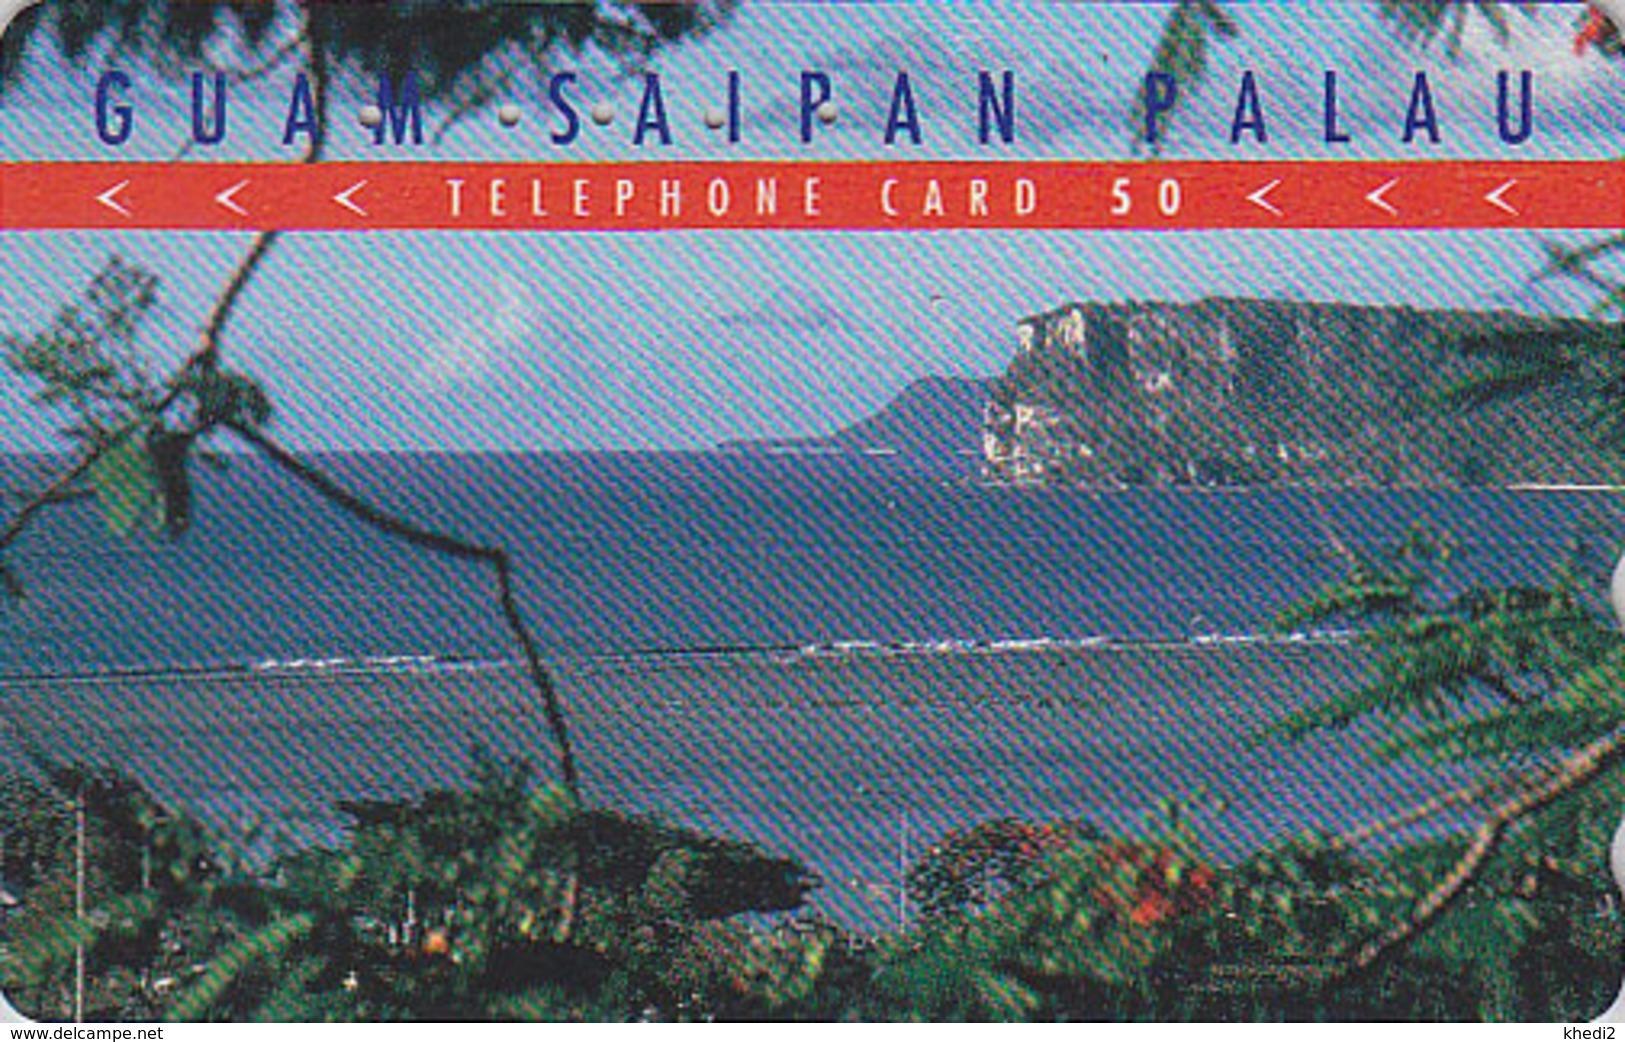 Télécarte Japon / 110-011 - Site GUAM USA SAIPAN PALAU - Plage & Rocher - Beach & Rock Japan Phonecard - 62 - Landschappen